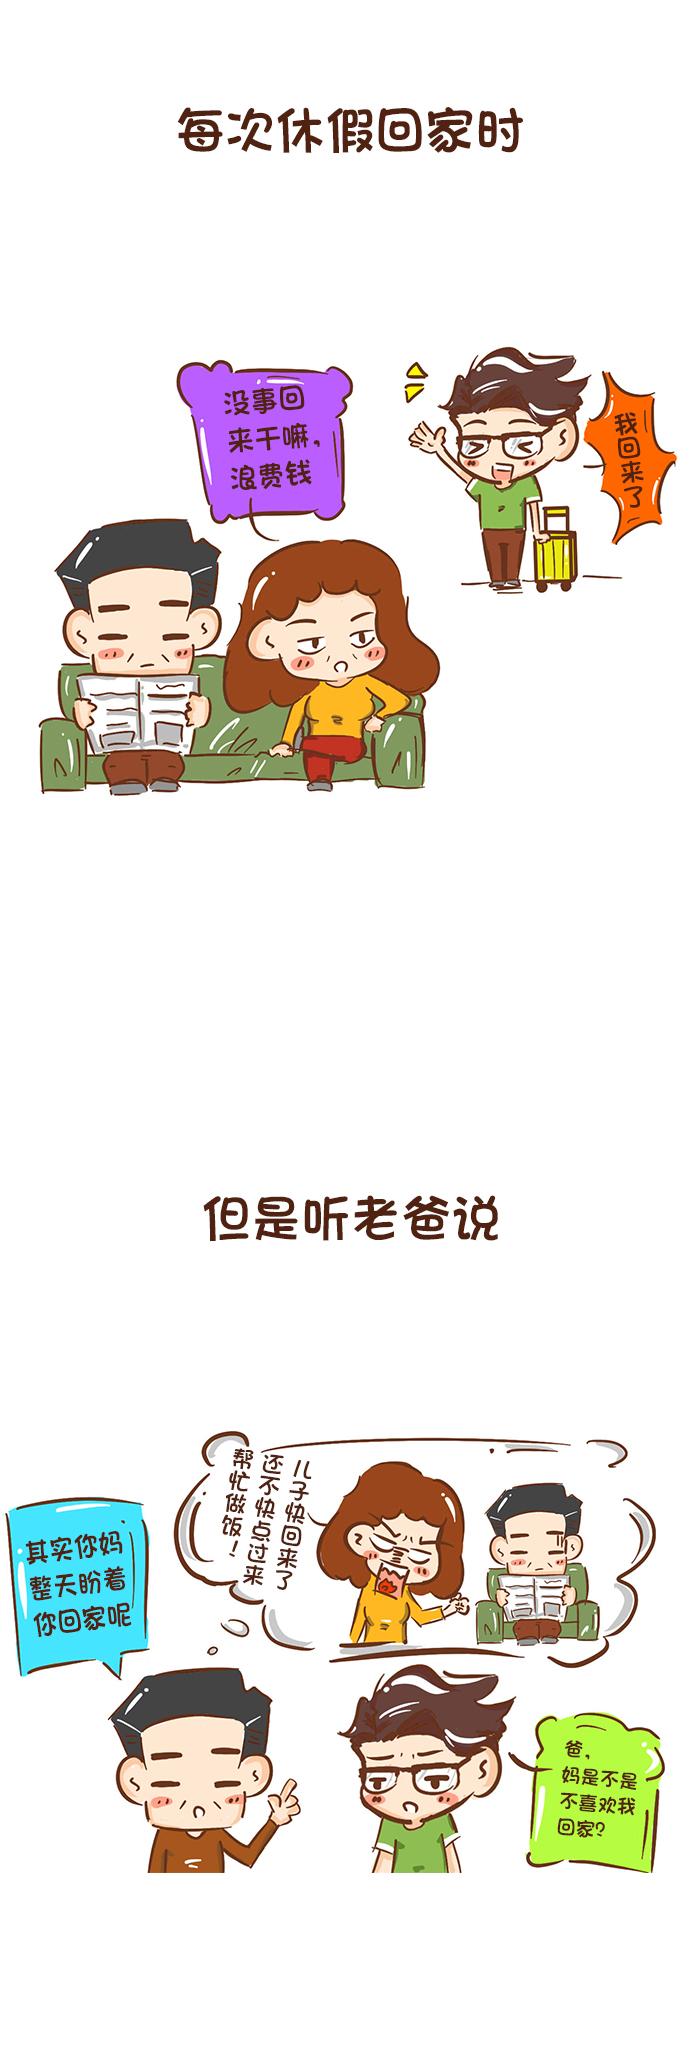 #母亲节#我那爱叨叨念的漫画|短篇/四格老妈|动飒漫画铅笔画图片